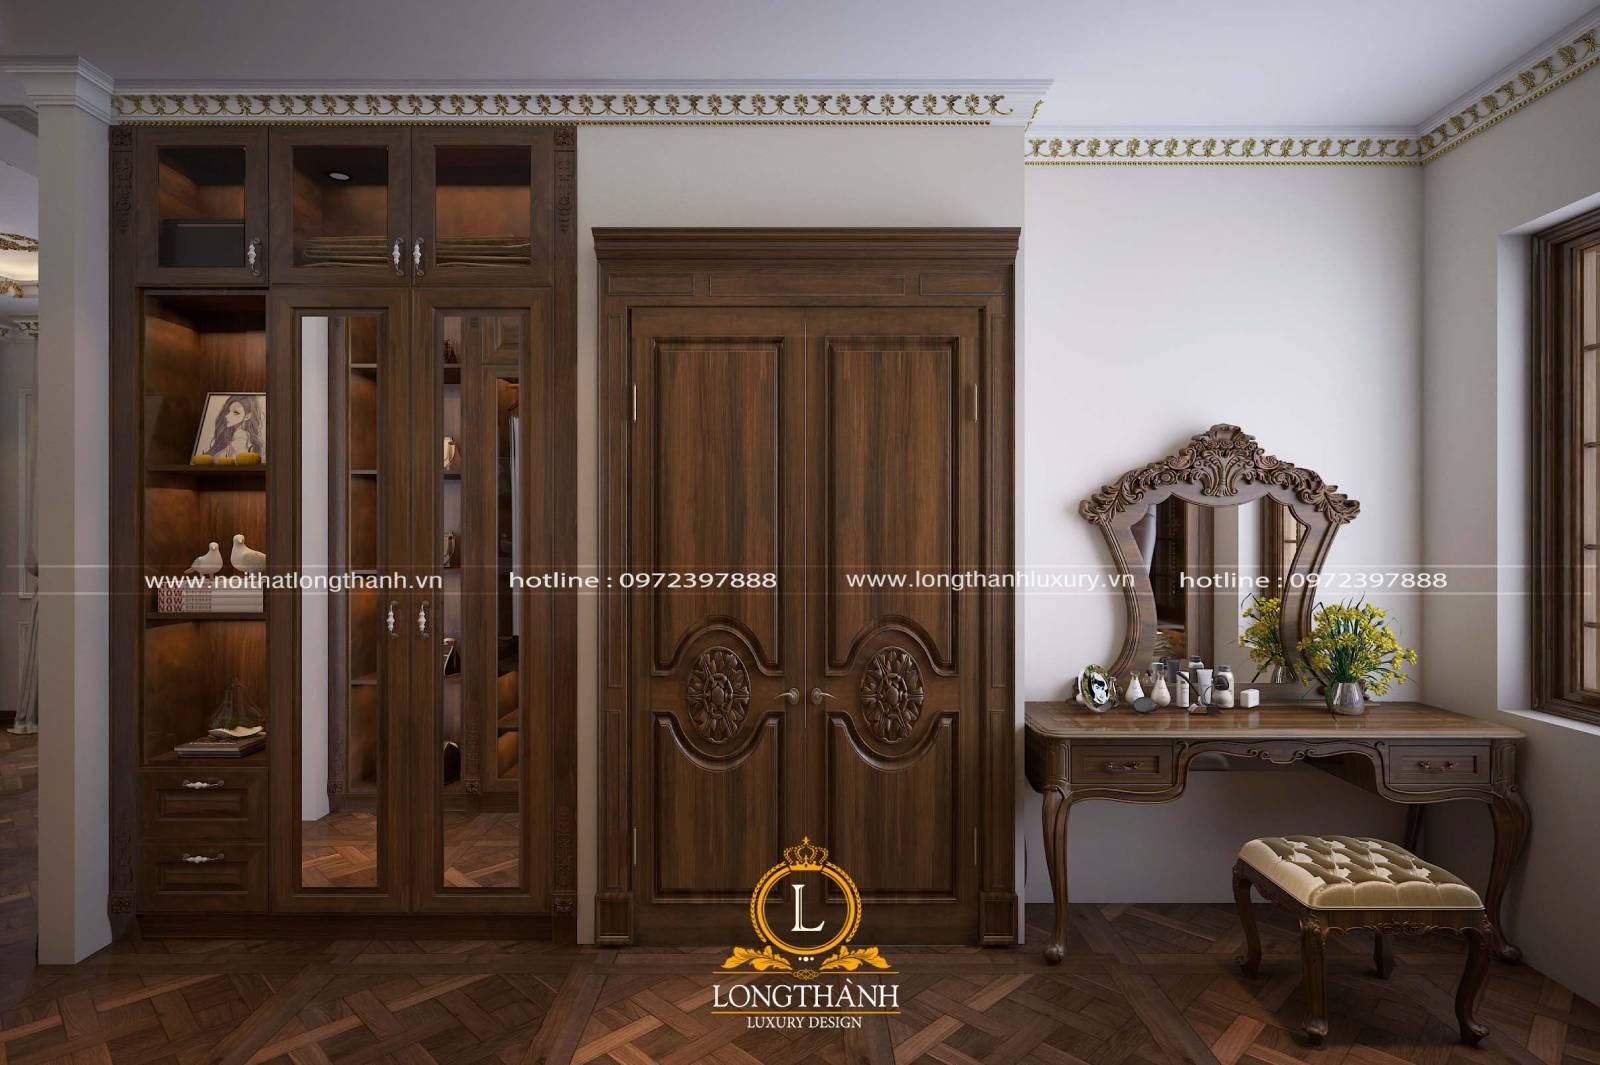 Cửa gỗ phòng ngủ tân cổ điển được thiết kế tỉ mỉ và nổi bật